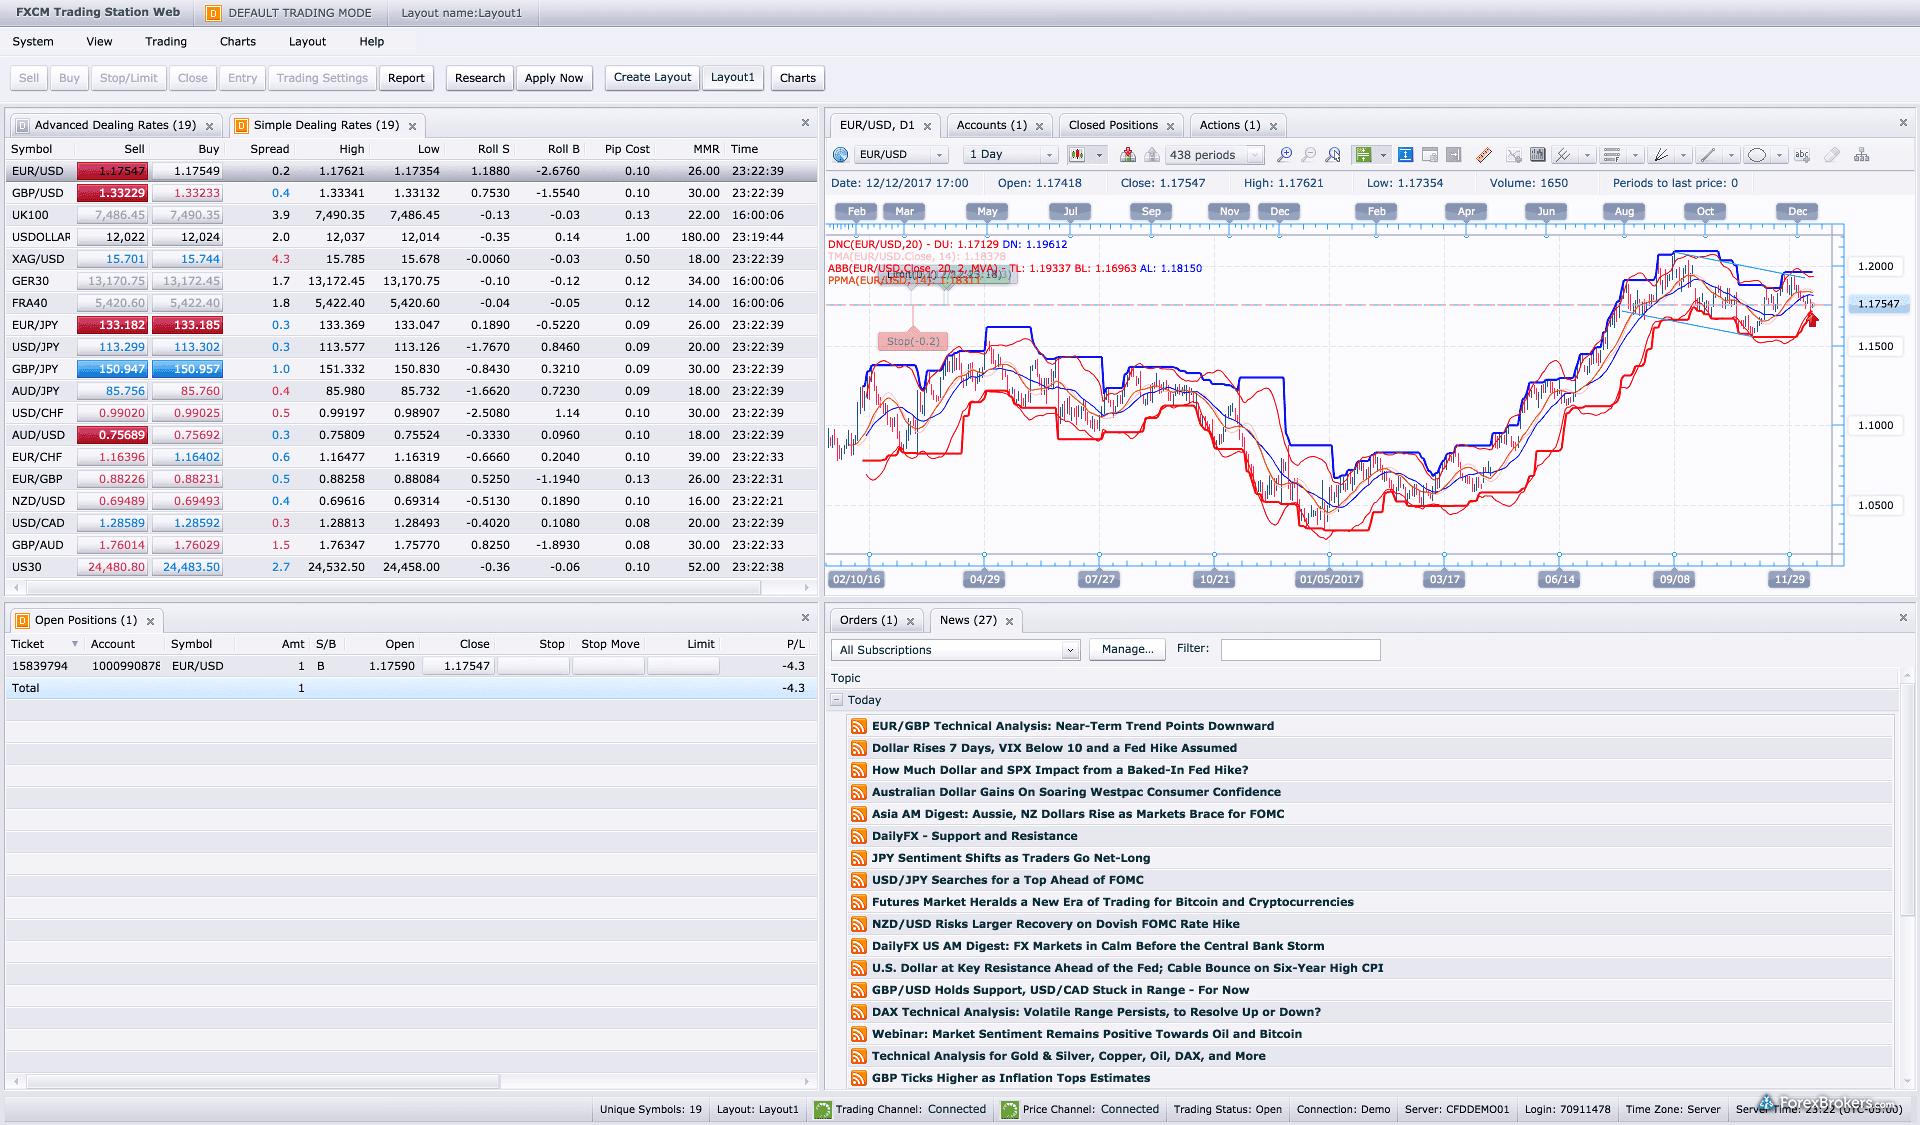 FXCM Trading Station web layout